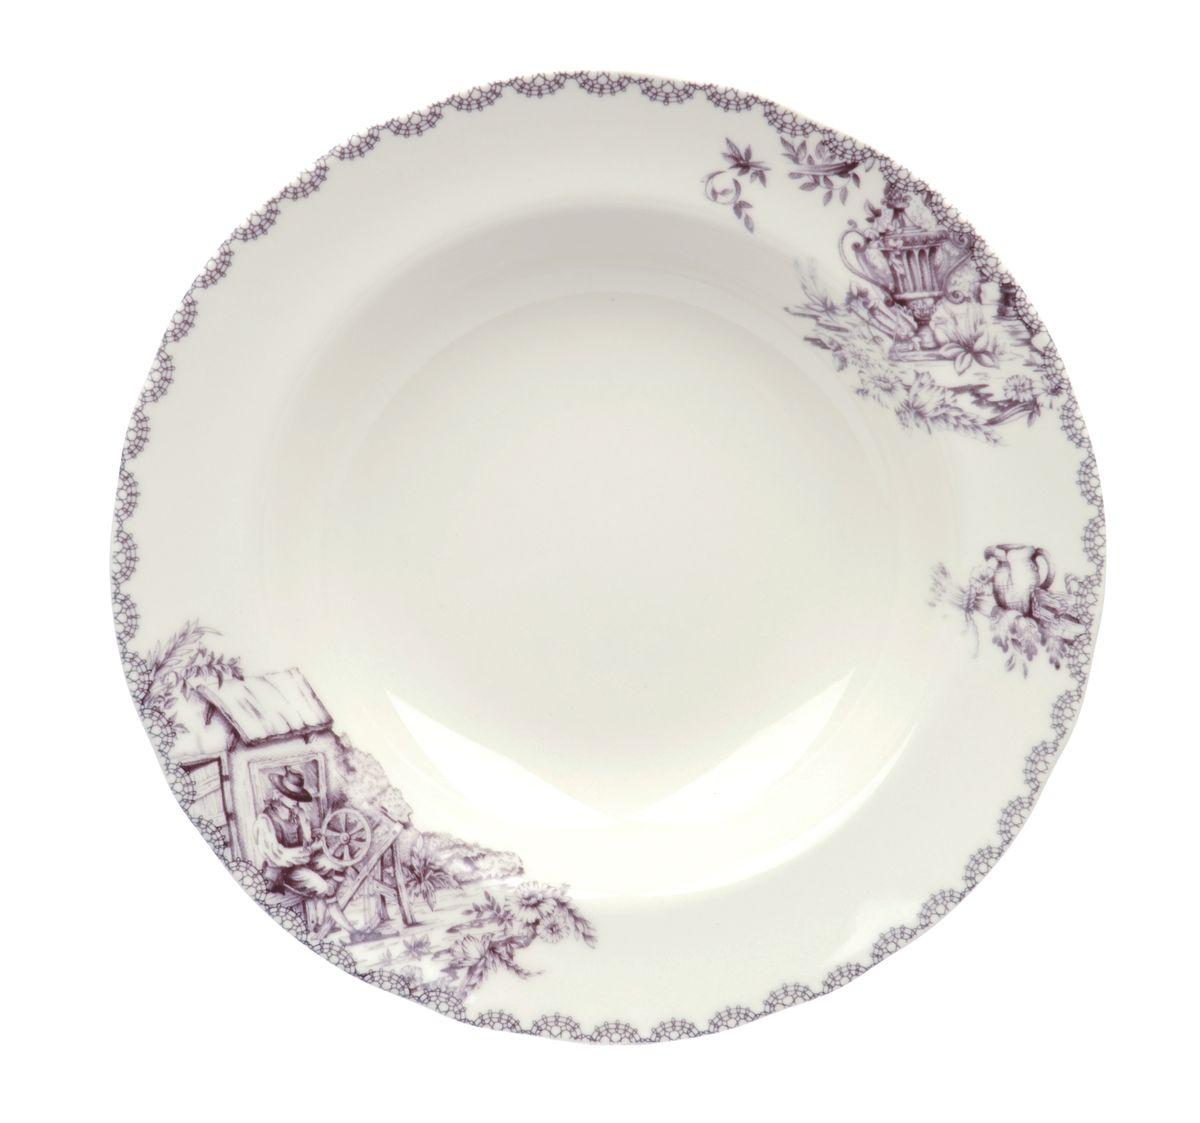 Тарелка глубокая Utana Инглиш принтс Флинт, диаметр 23,5 смUTEF97920Тарелка Utana Инглиш принтс Флинт изготовлена из высококачественной керамики. Предназначена для подачи супа или салата. Изделие декорировано оригинальным принтом. Такая тарелка украсит сервировку стола и подчеркнет прекрасный вкус хозяйки. Можно мыть в посудомоечной машине и использовать в СВЧ. Диаметр: 23,5 см. Высота: 4 см.